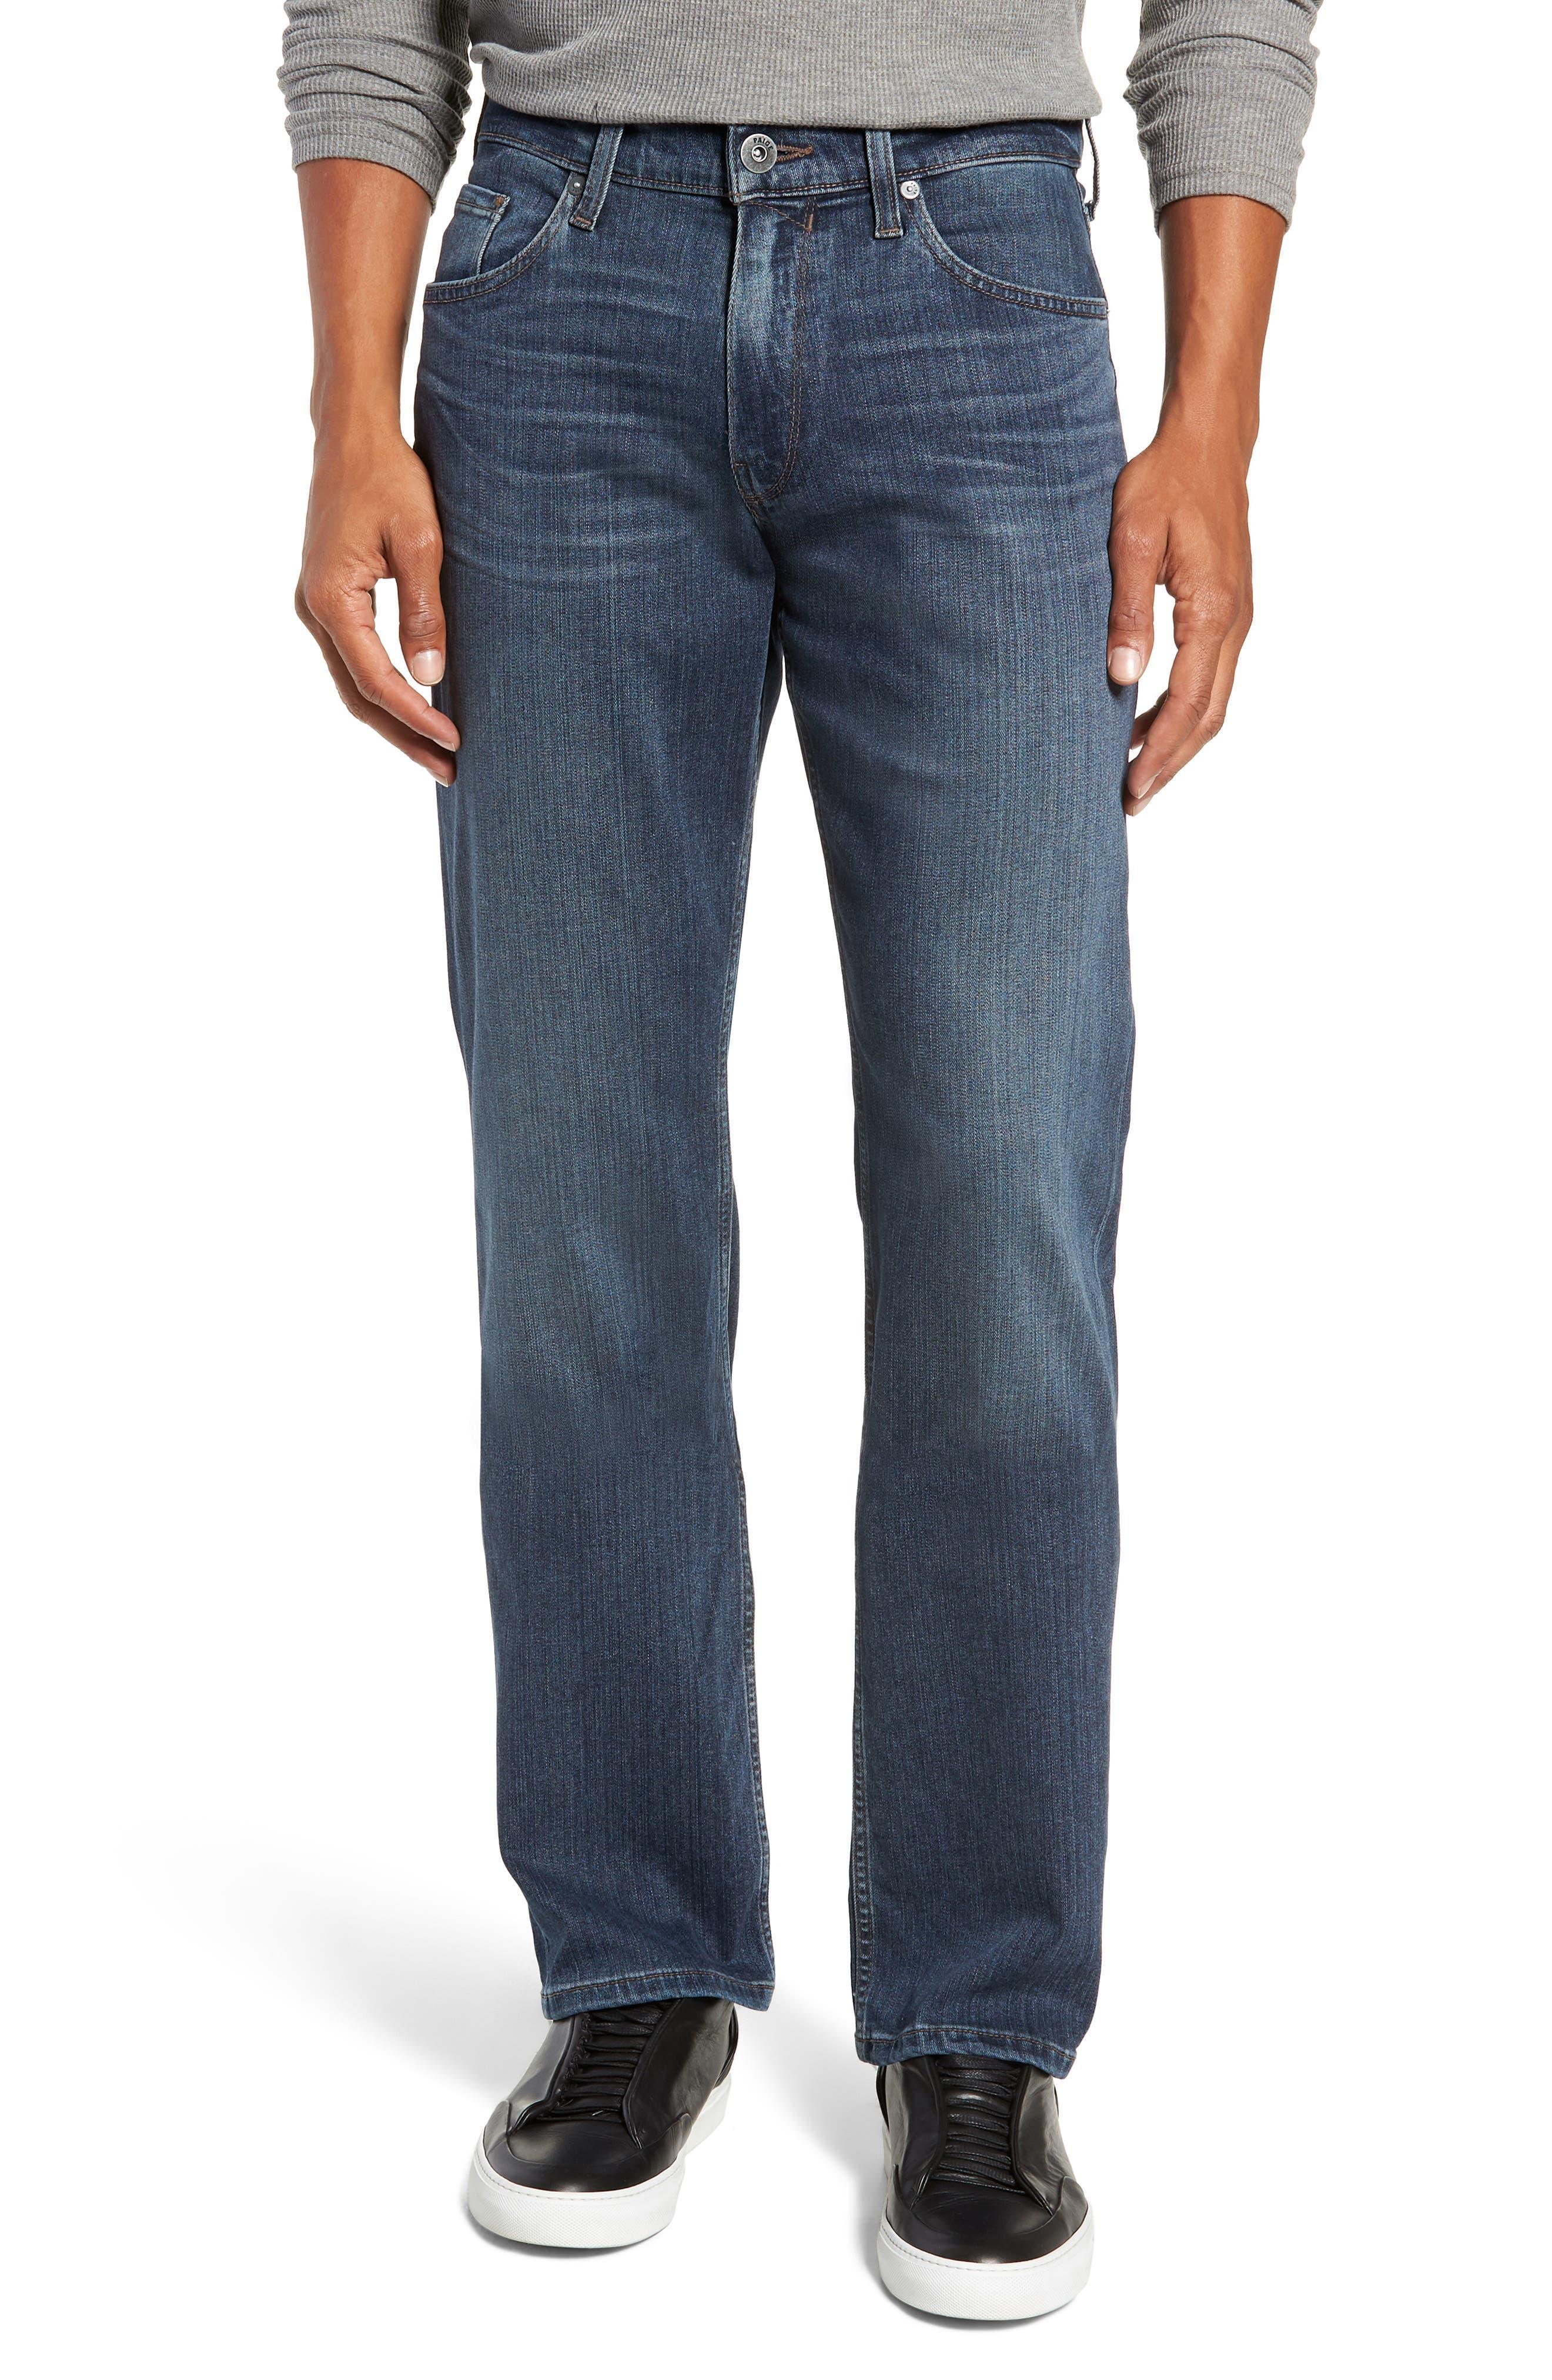 Transcend - Normandie Straight Leg Jeans,                         Main,                         color, DILLON